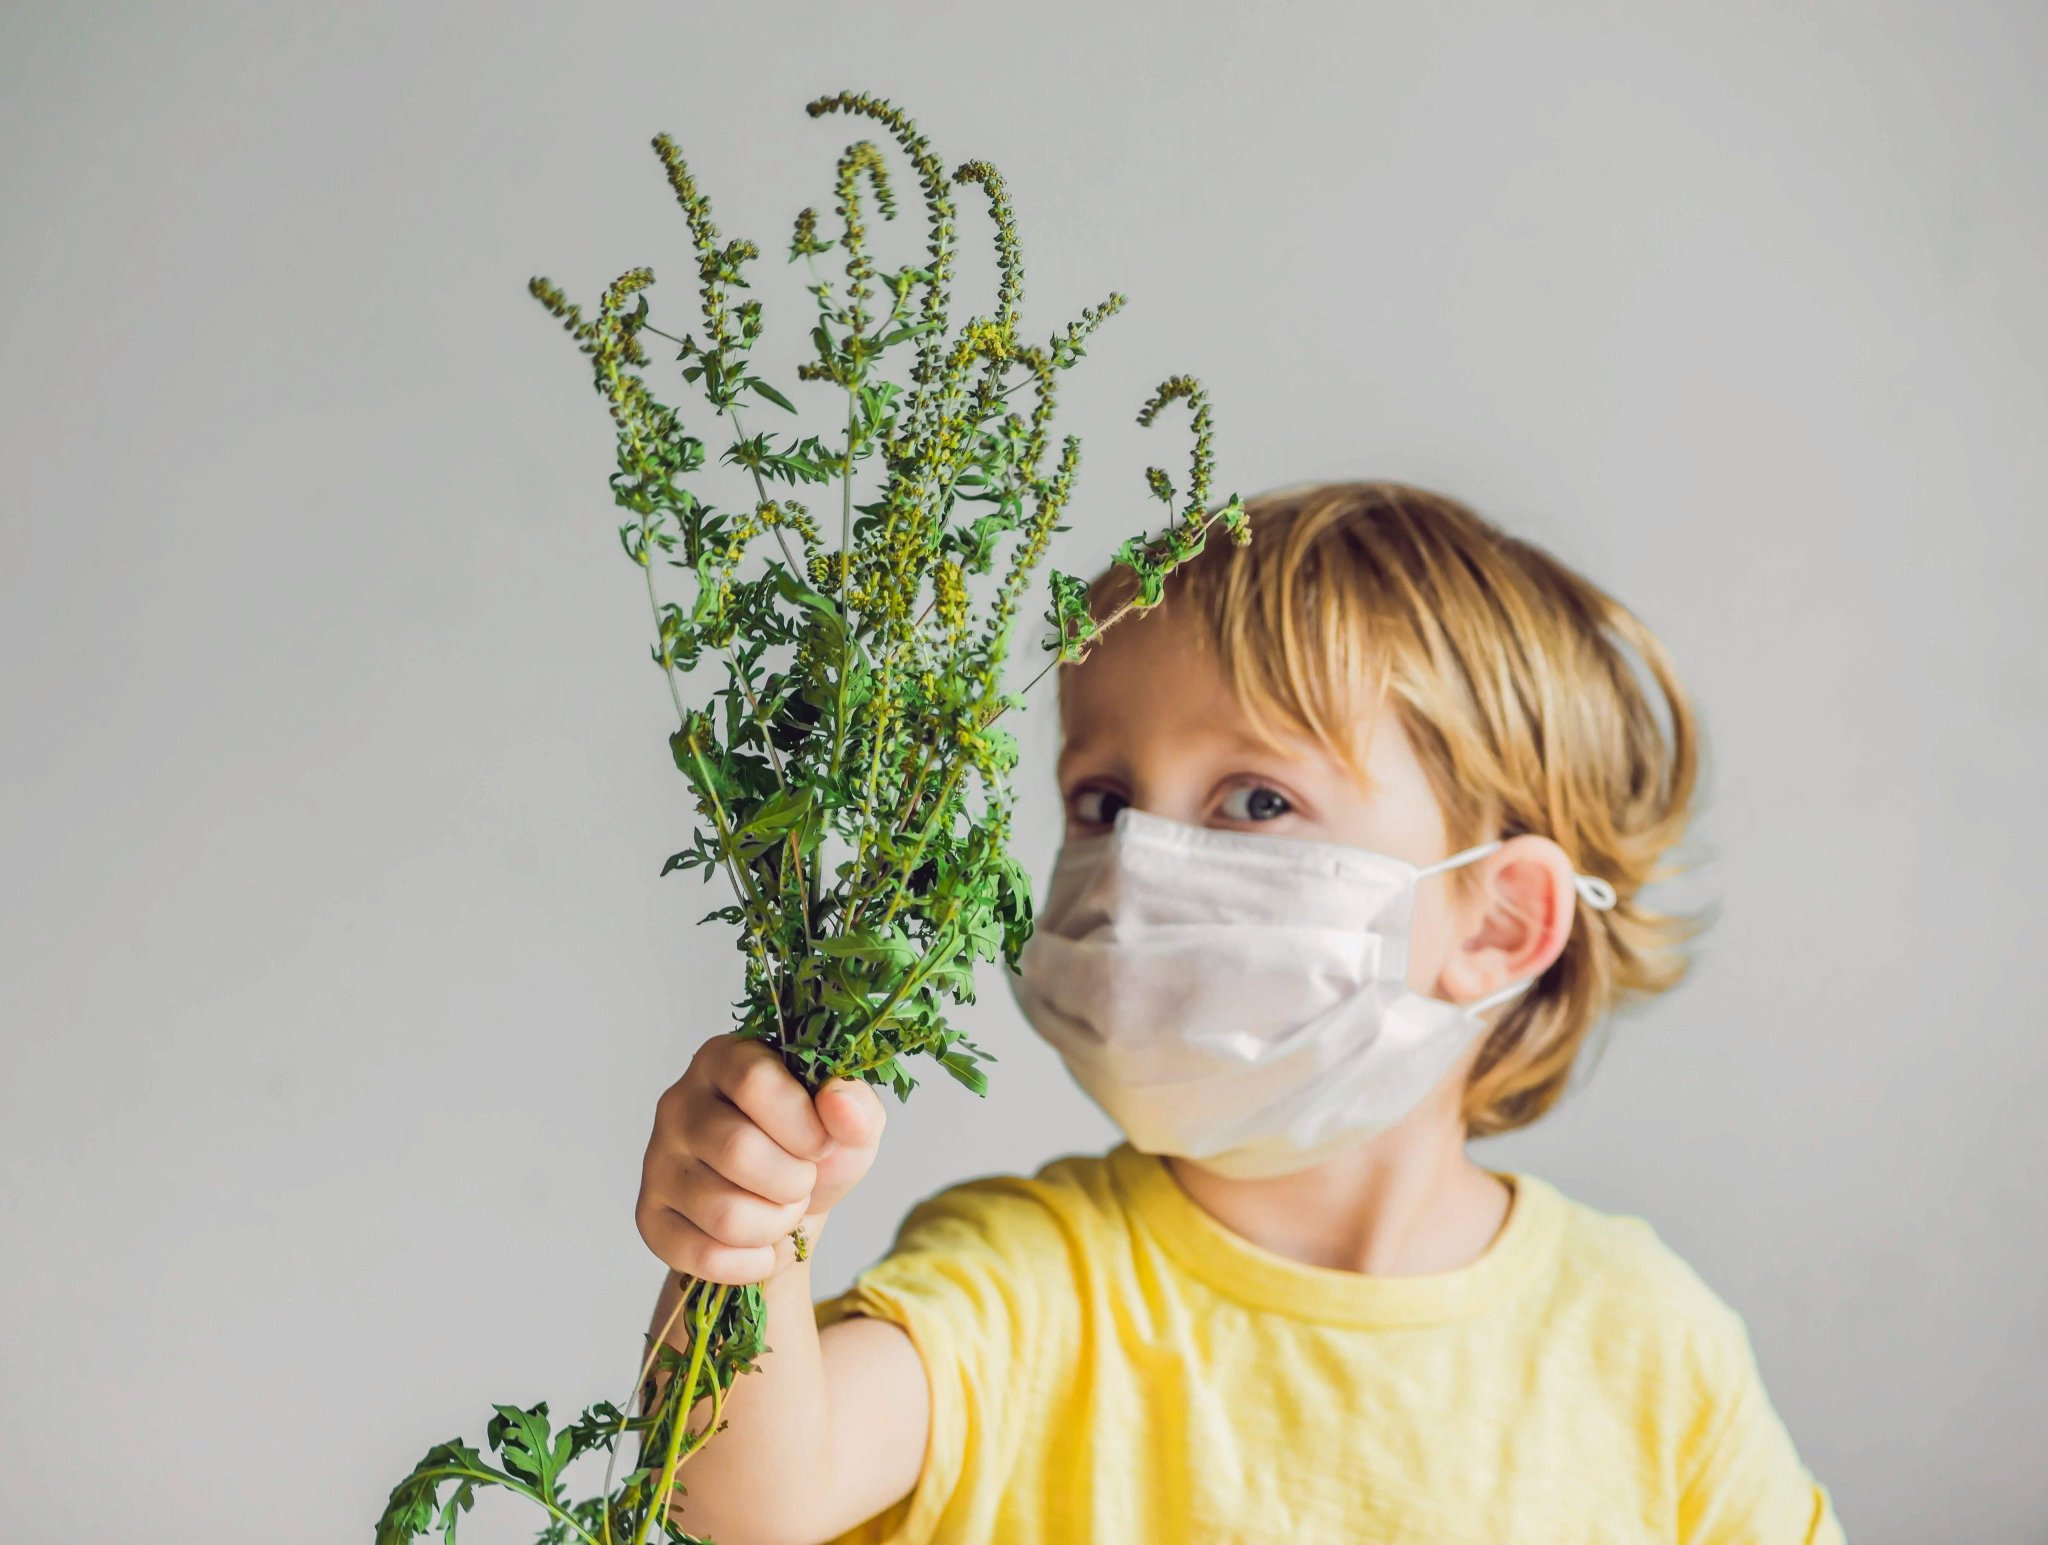 Аллергия на цветение – симптомы, лечение и профилактика